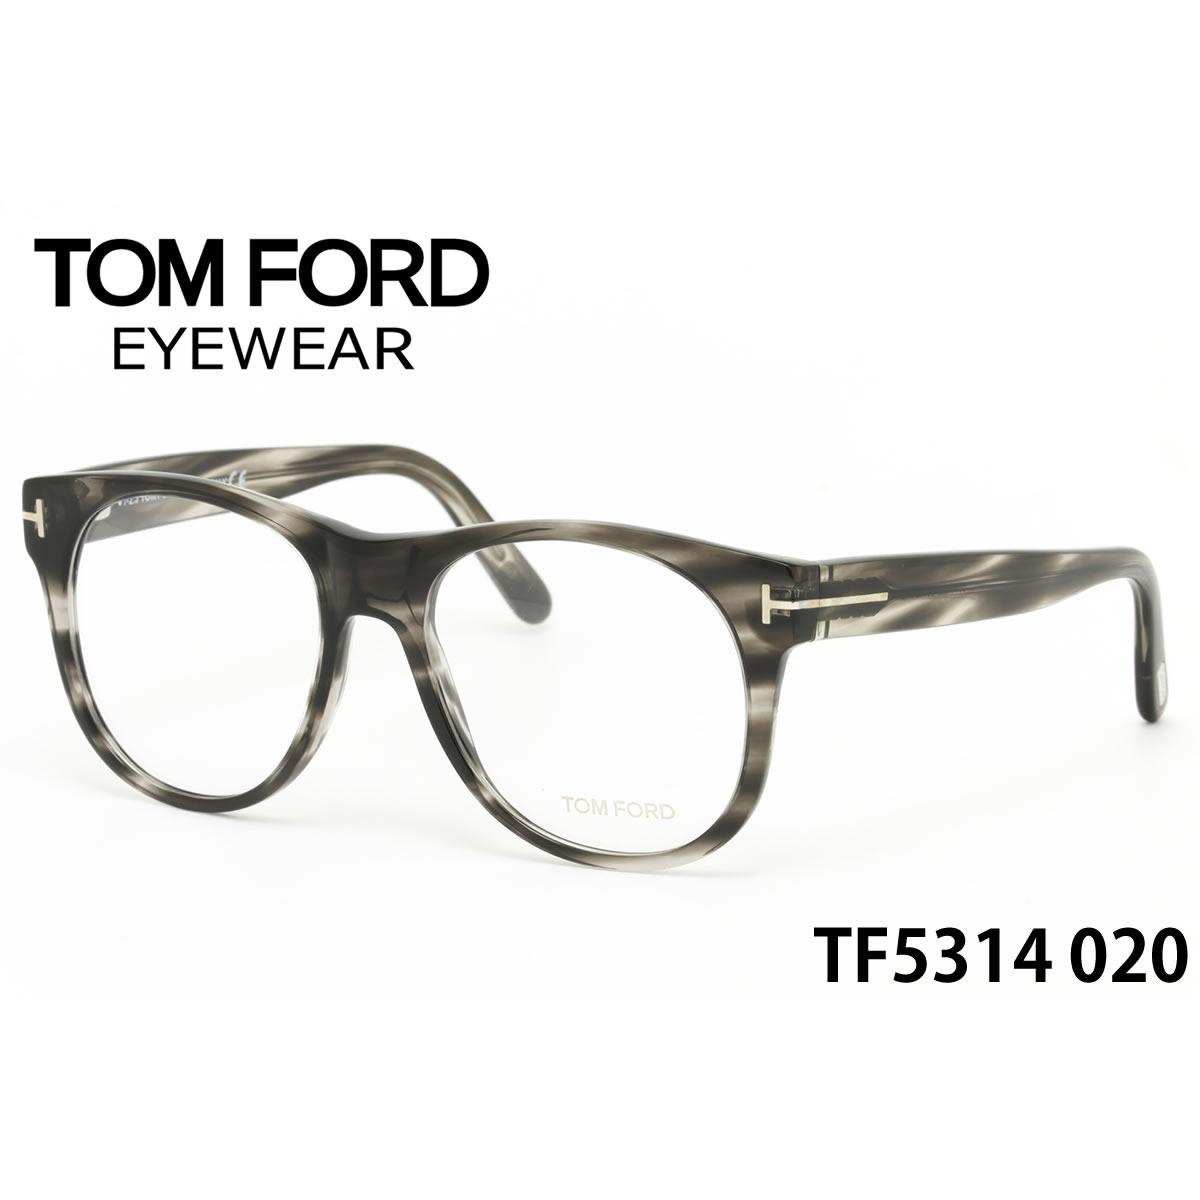 ほぼ全品ポイント15倍~最大43倍+3倍!お得なクーポンも! 【トムフォード】(TOM FORD) メガネ TF5314 020 55サイズ TOMFORD FT5314 セルシール1個サービス メンズ レディース